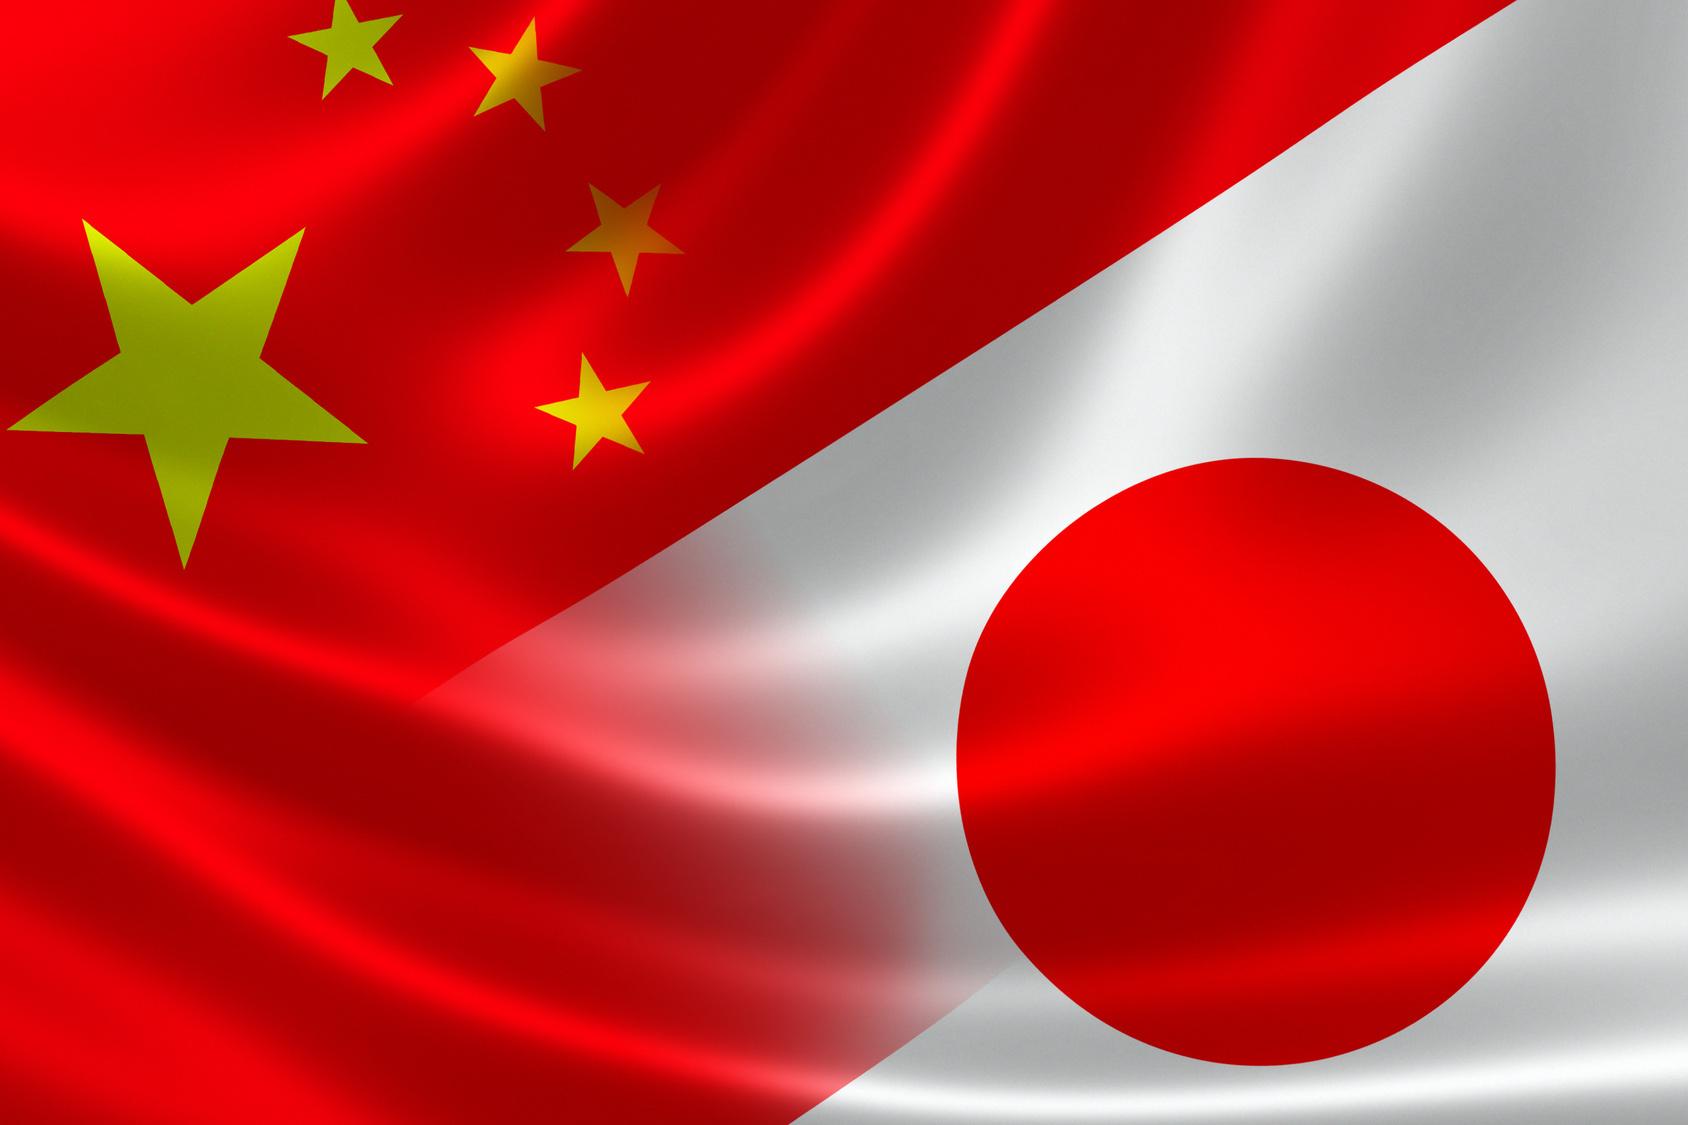 中国への「上から目線」ではない、戦略的交流が日本の国益につながる